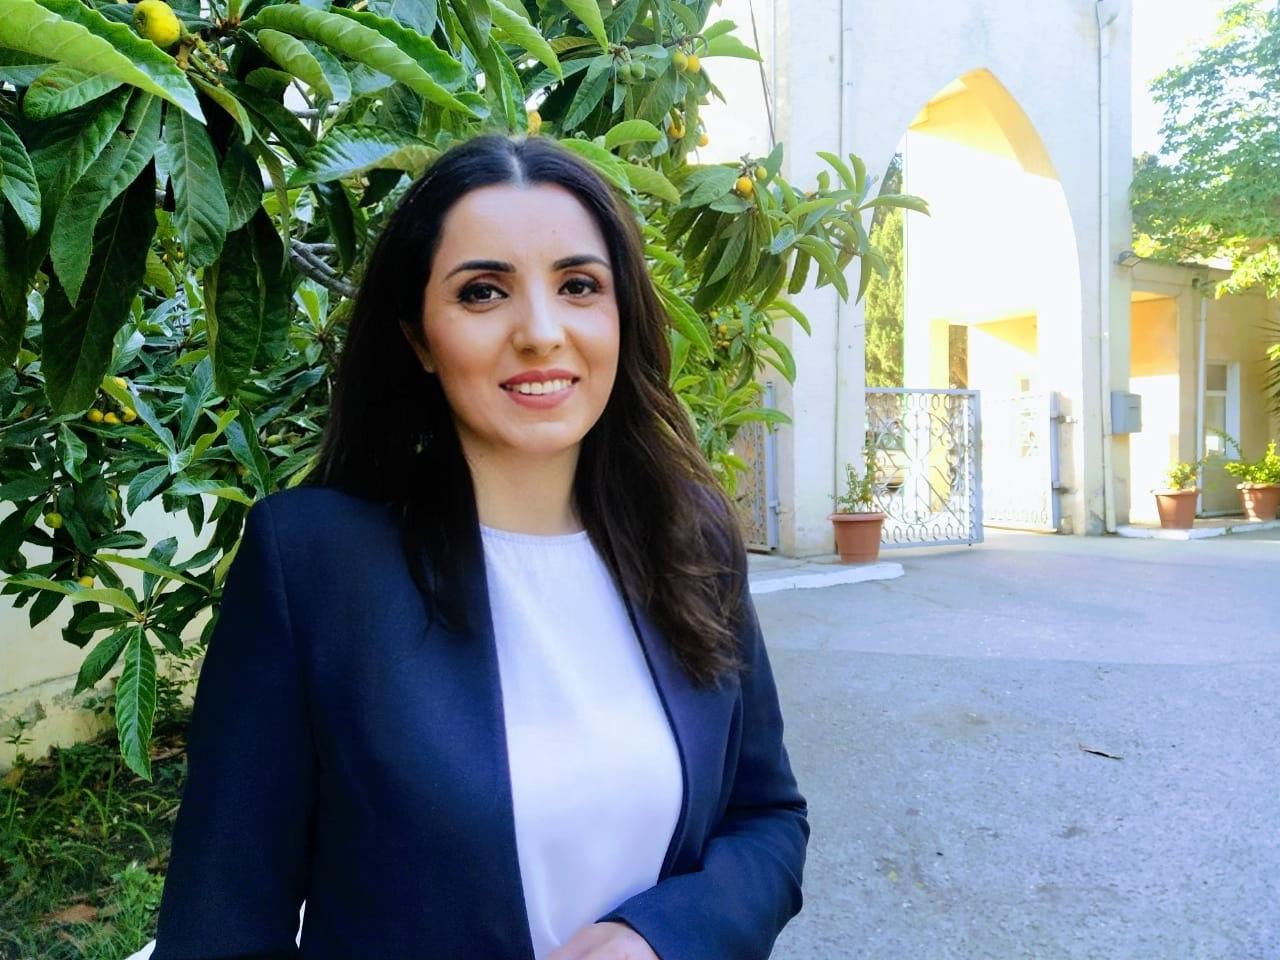 """د/بارفانا إبراهيموفا  تكتب مدينة """"شوشا"""" عاصمة ثقافية لأذربيجان وللعالم الإسلامي"""